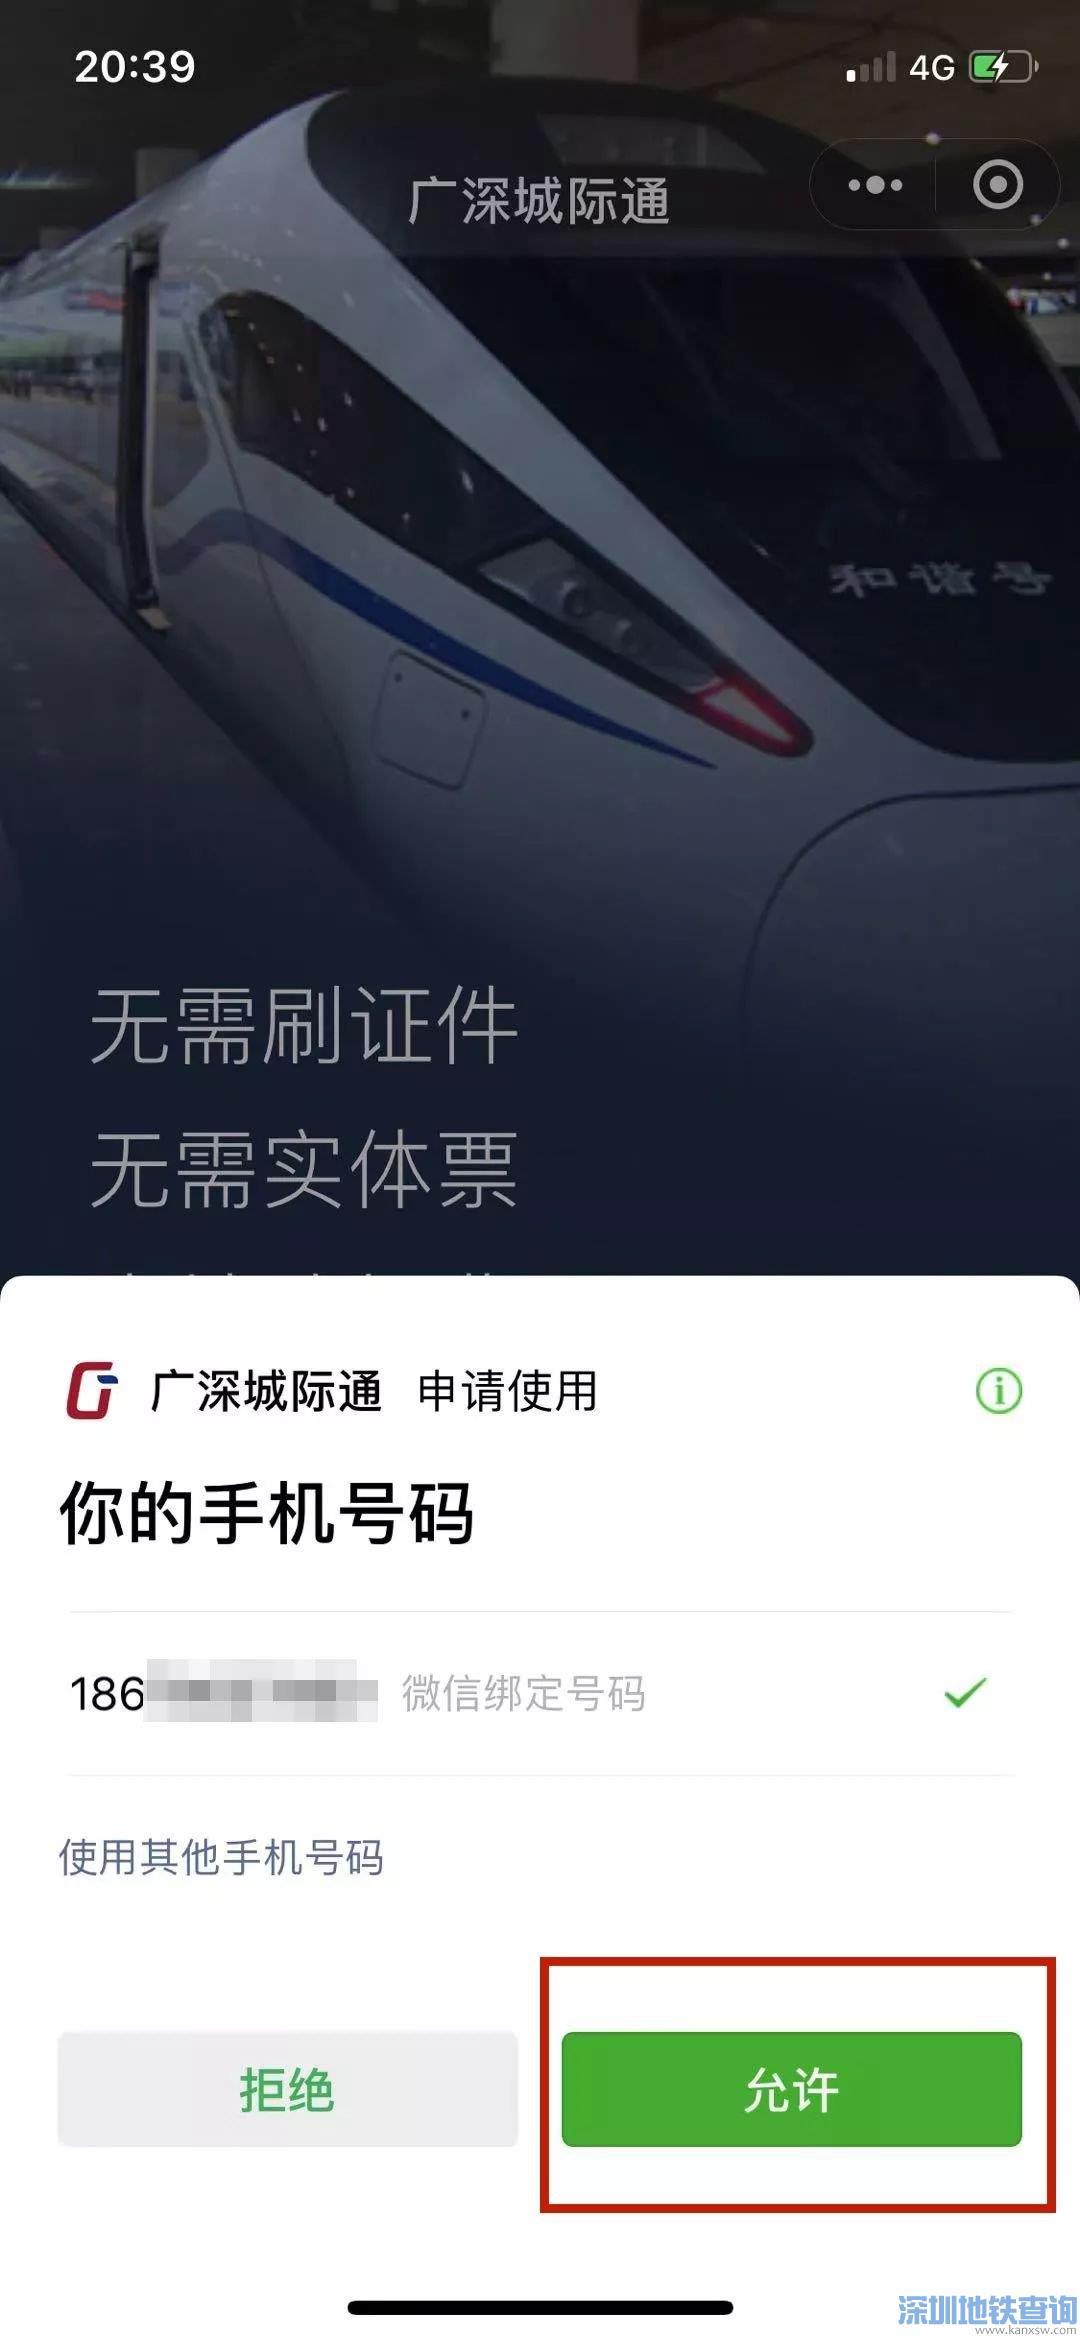 广深城际铁路微信支付扫码乘车图文操作流程一览